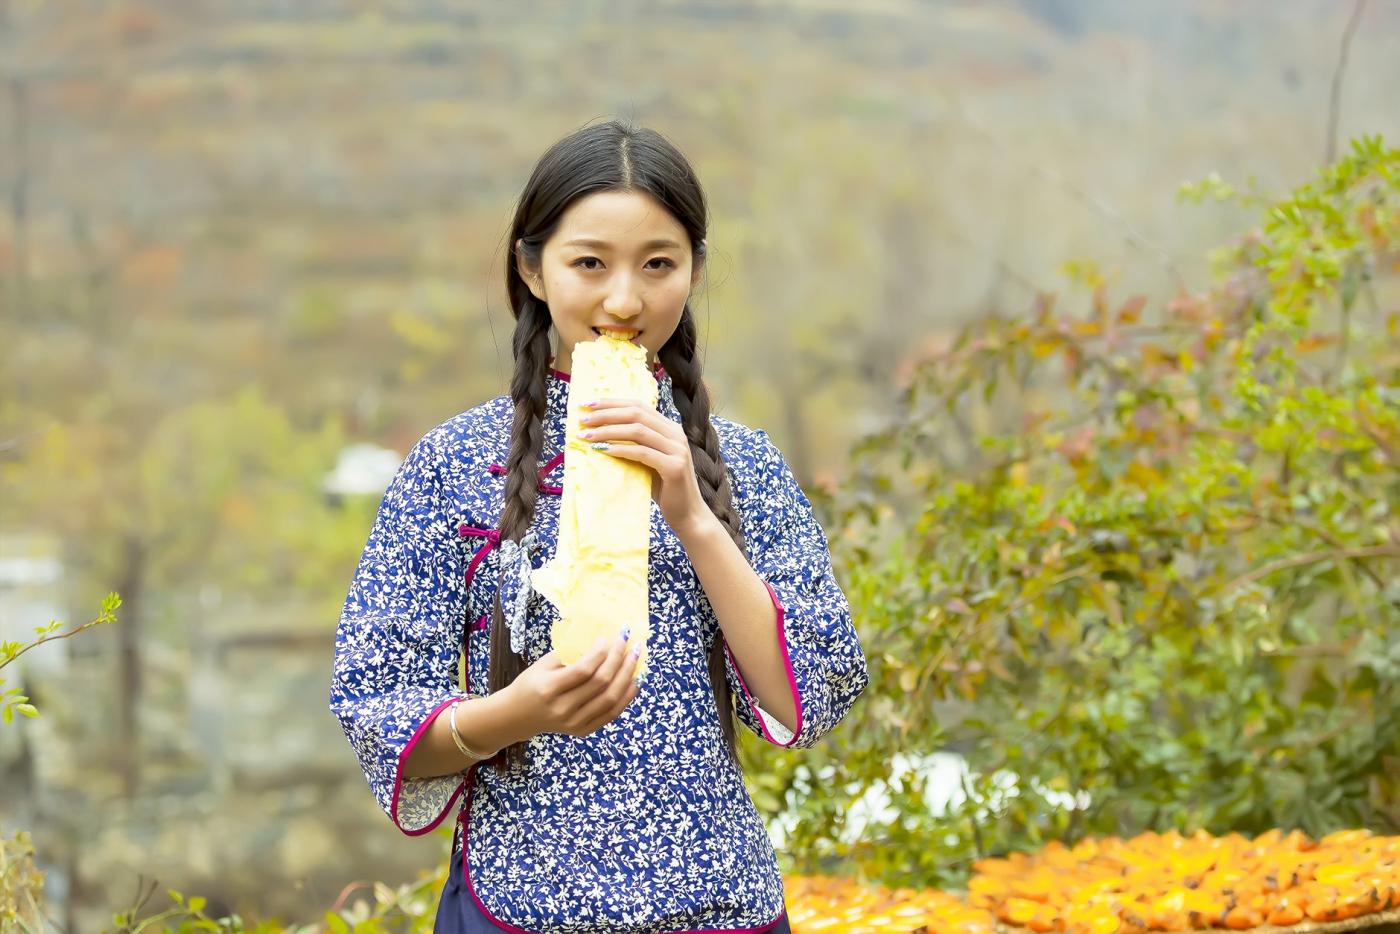 """蒙山人家走来一位可爱的""""煎饼mm"""" 地道的临沂大嫚范_图1-5"""